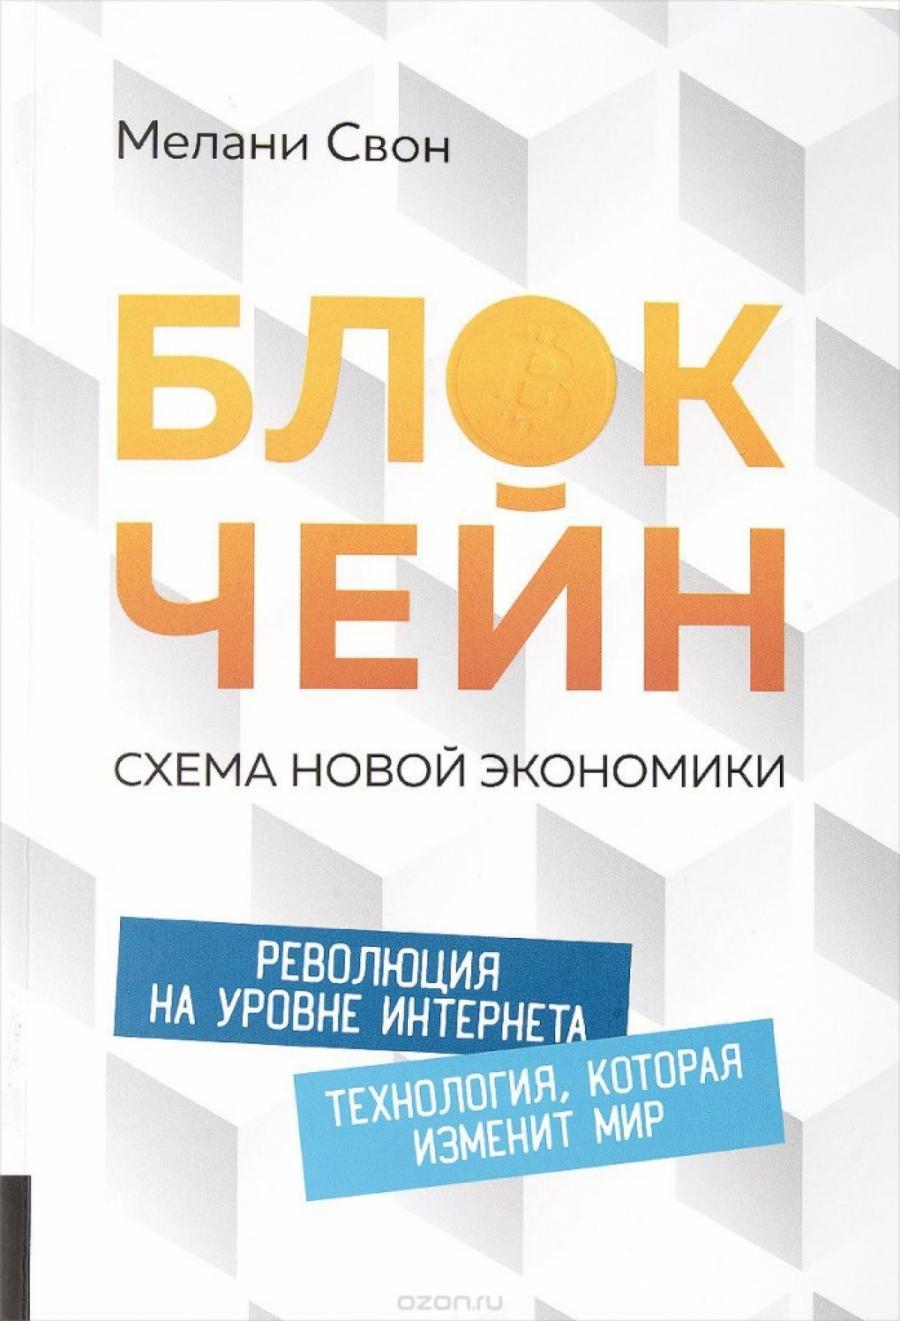 Мелони Свон - Блокчейн: проект новой экономики